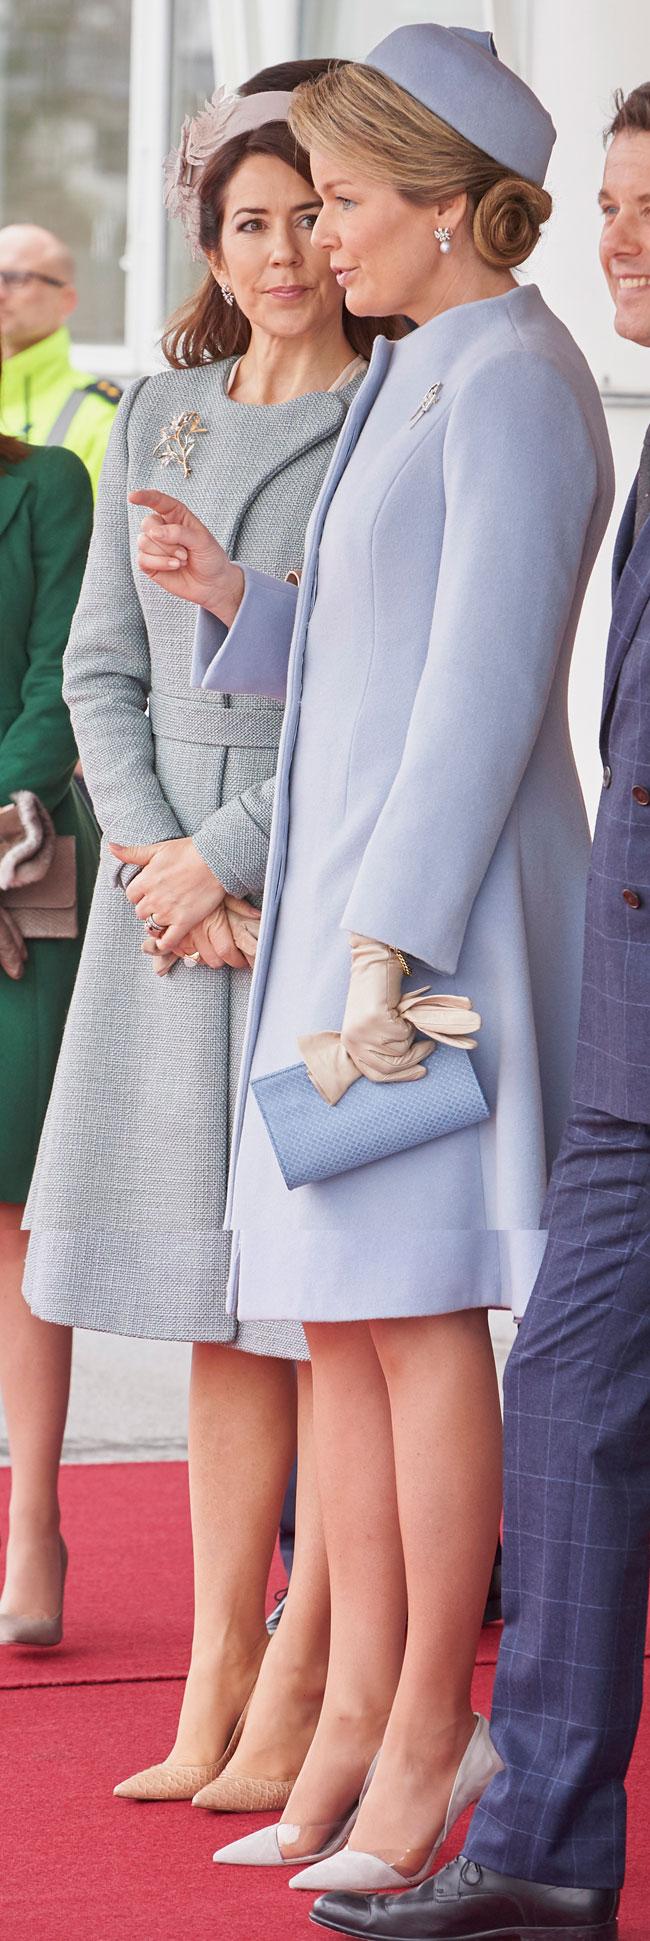 abrigos-y-tonos-suaves